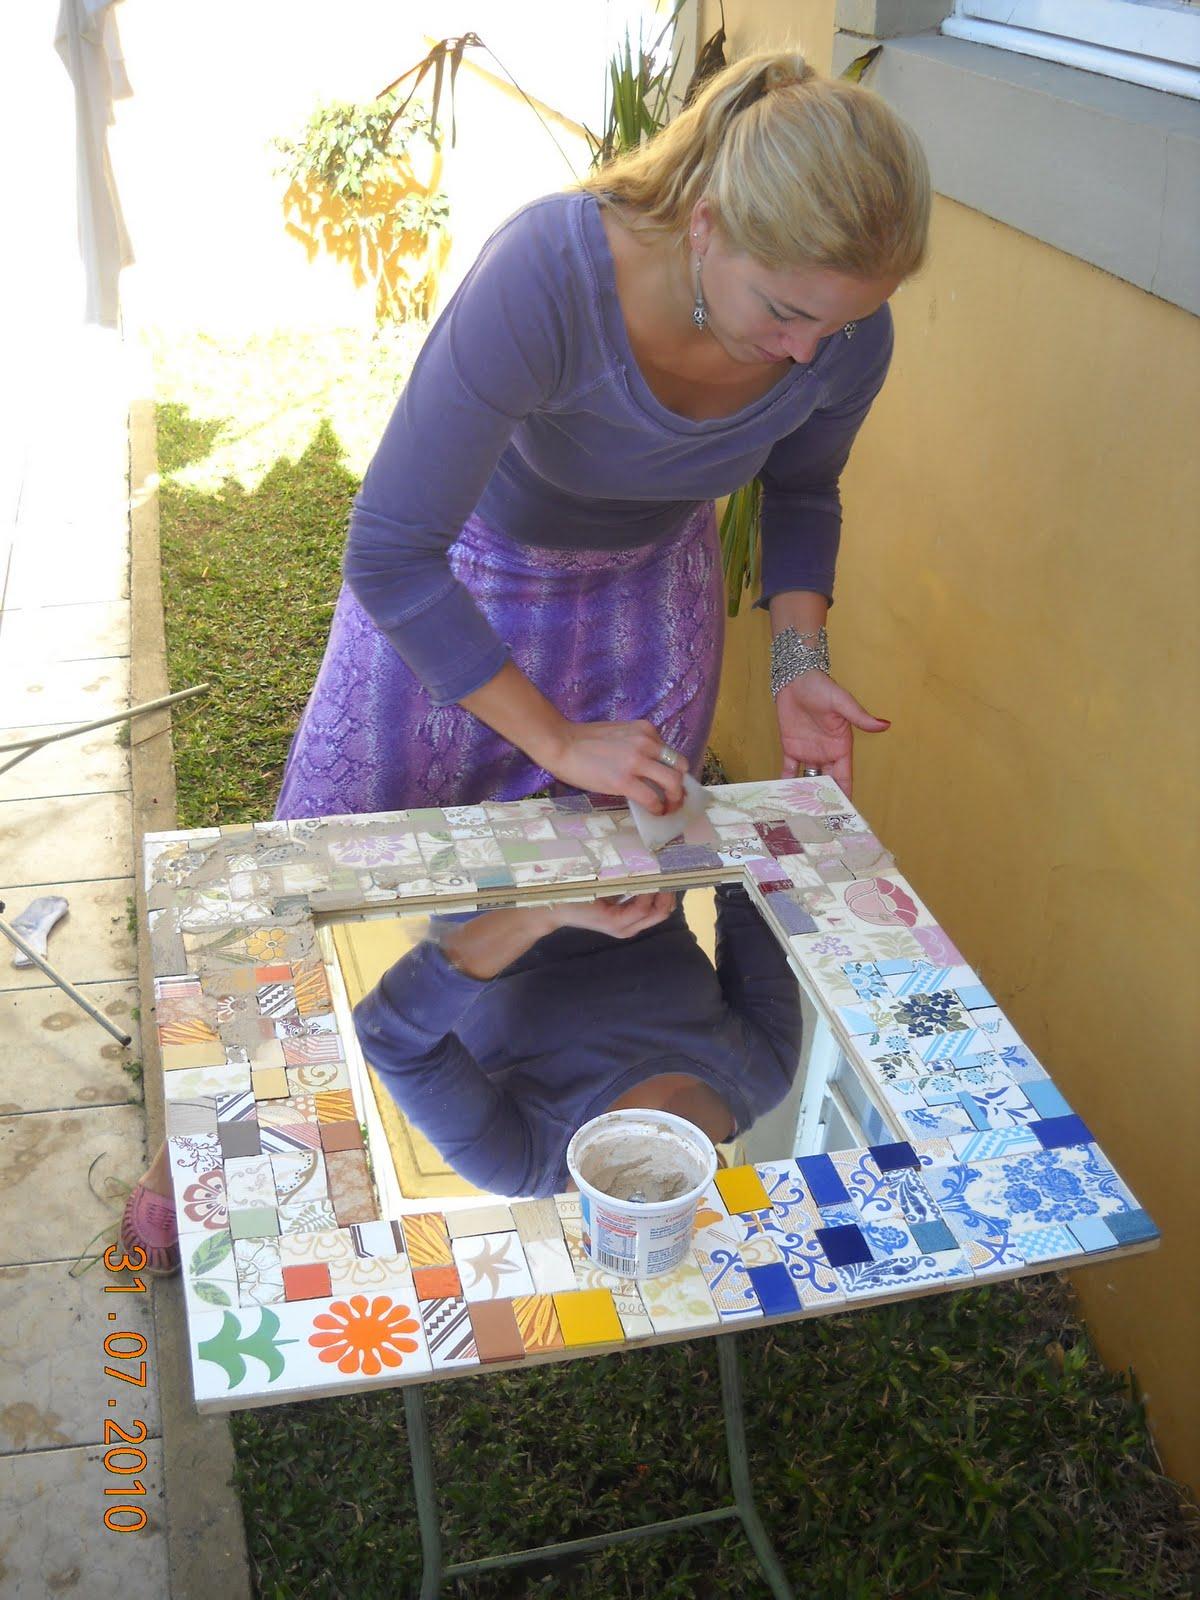 Aqui nessa foto estou fazendo o acabamento final do espelho que é a  #907A3C 1200x1600 Banheiro Com Azulejo Antigo